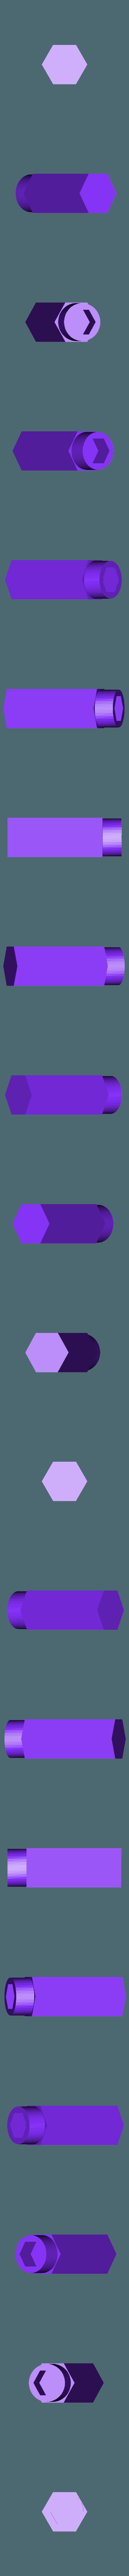 7'.STL Télécharger fichier STL Étaux • Objet imprimable en 3D, le-padre